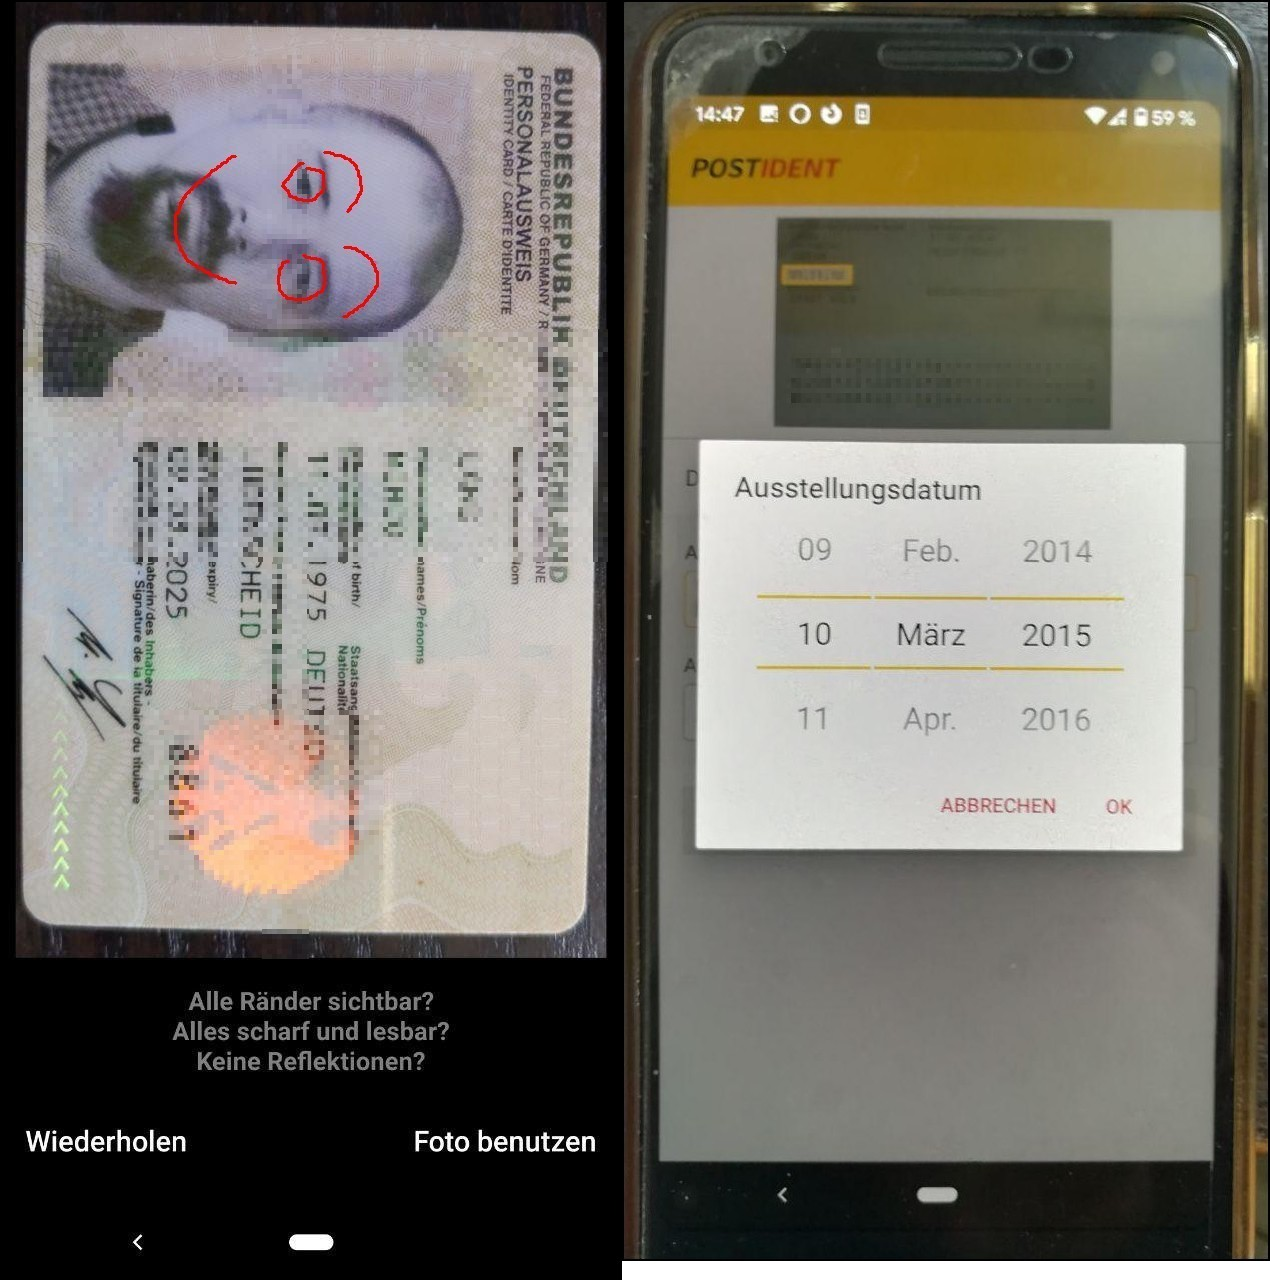 fotos vom registrieren einer sim karte per postident videochat